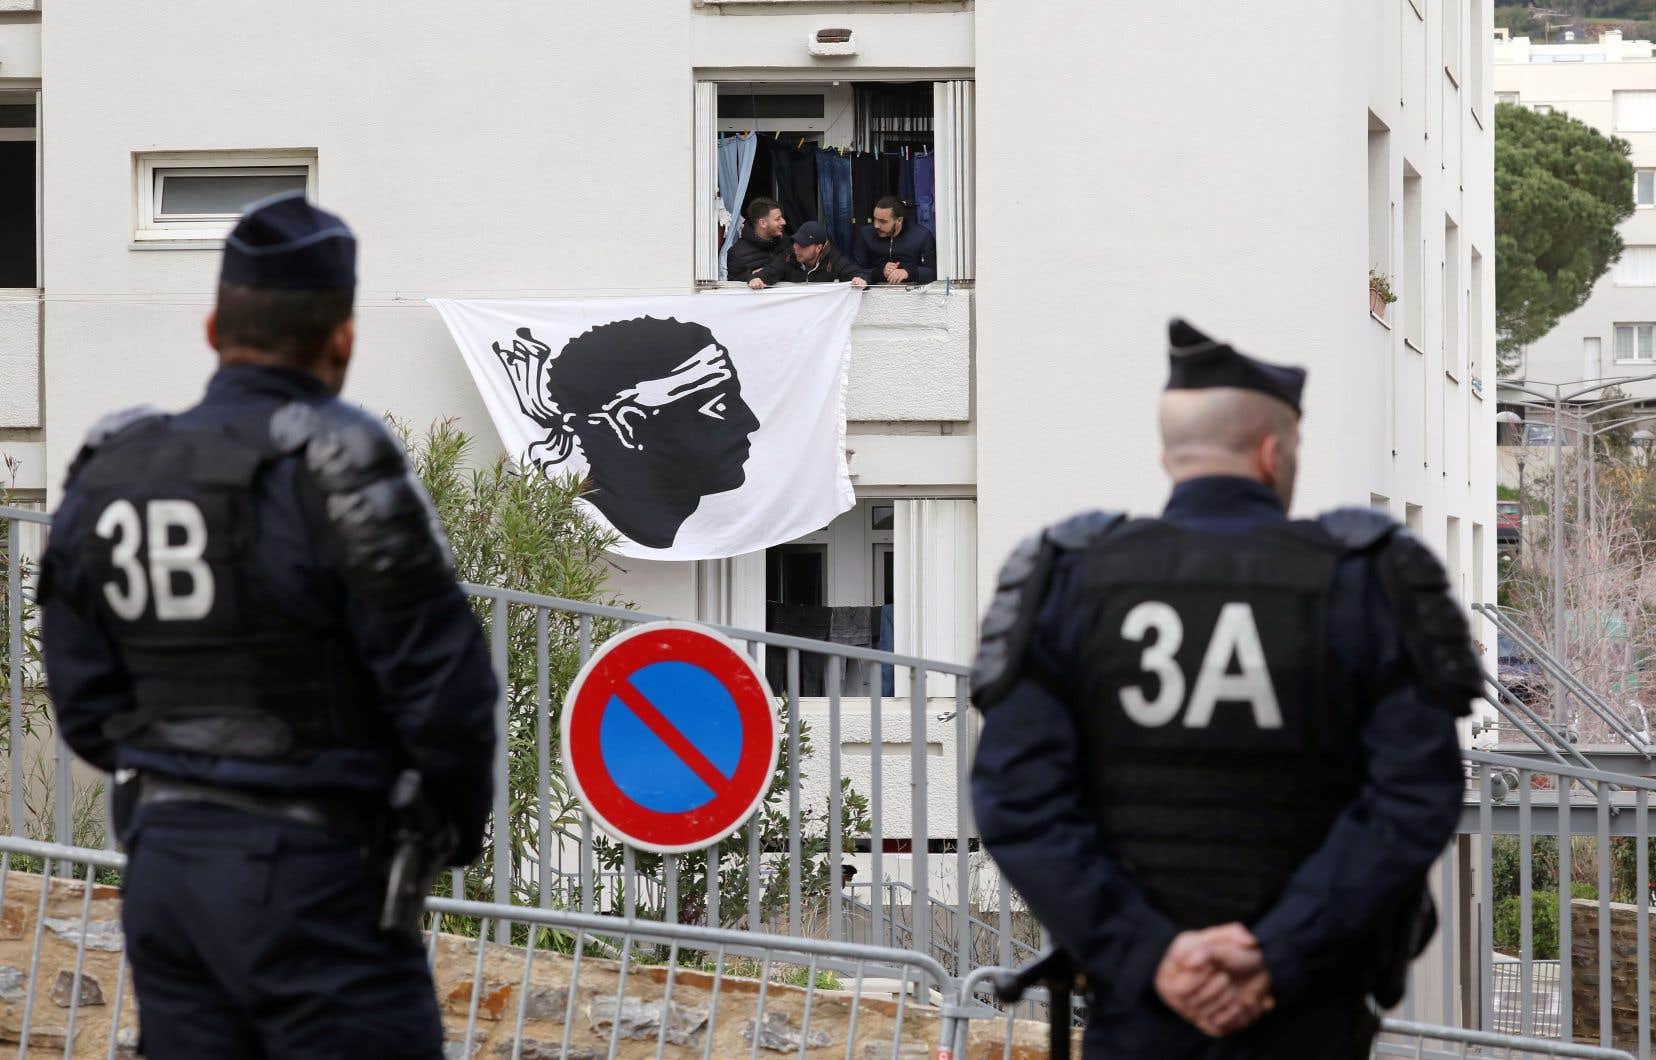 Une famille déploie le drapeau corse à la fenêtre de son logement à Bastia. C'était lors de la visite du président Emmanuel Macron en février dernier.